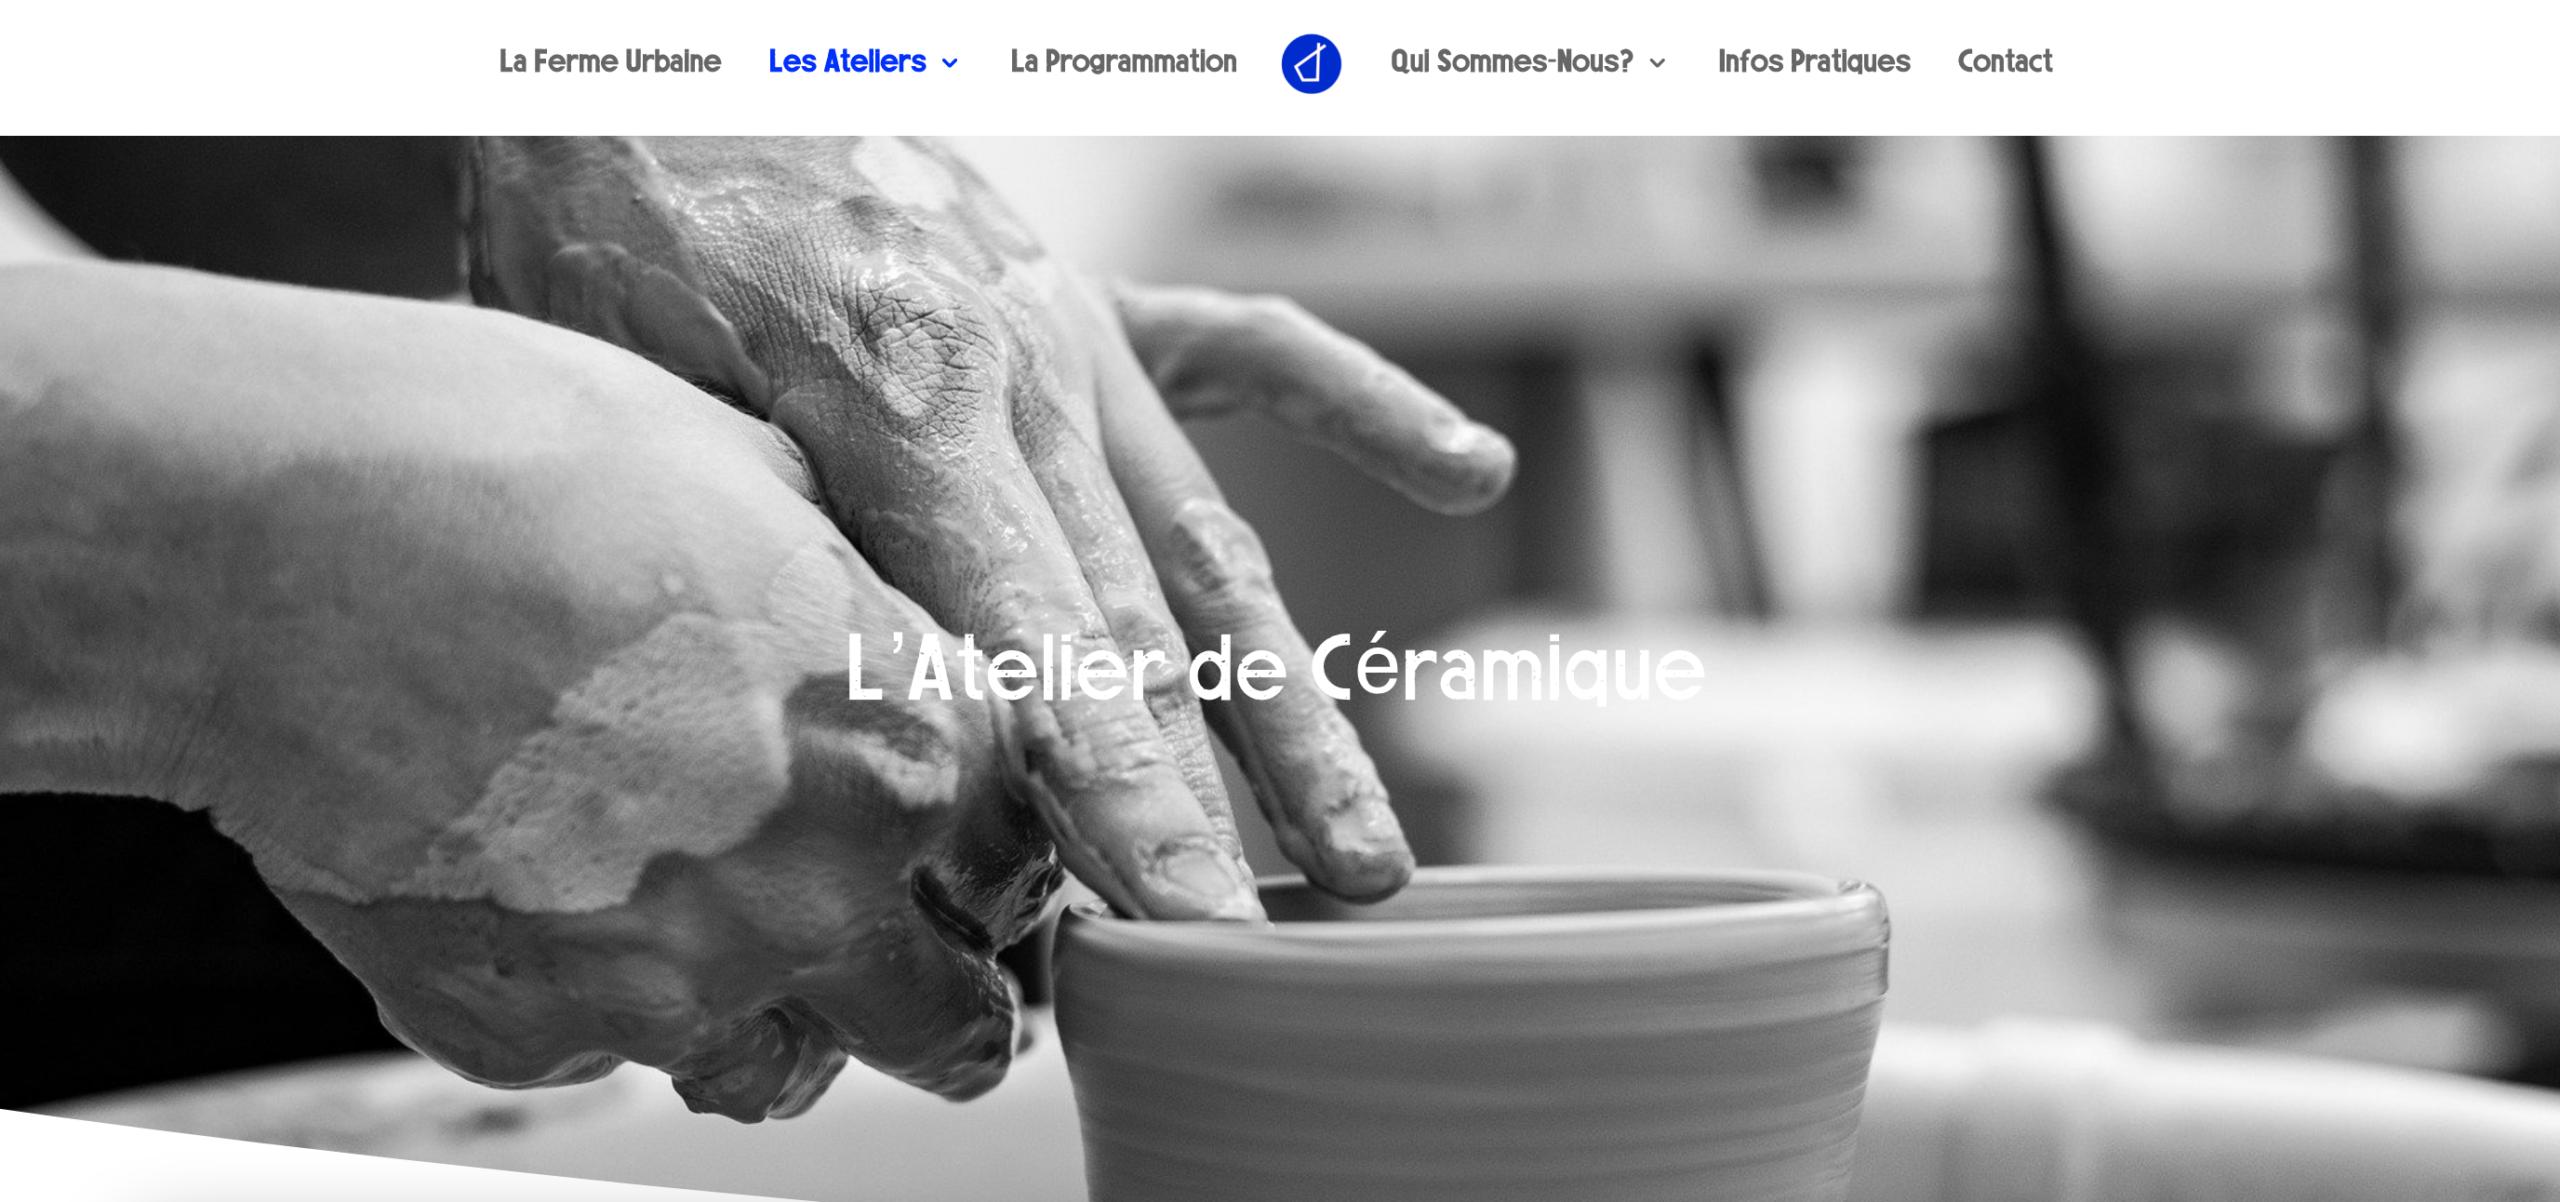 L'atelier de céramique - Le site du Tipi